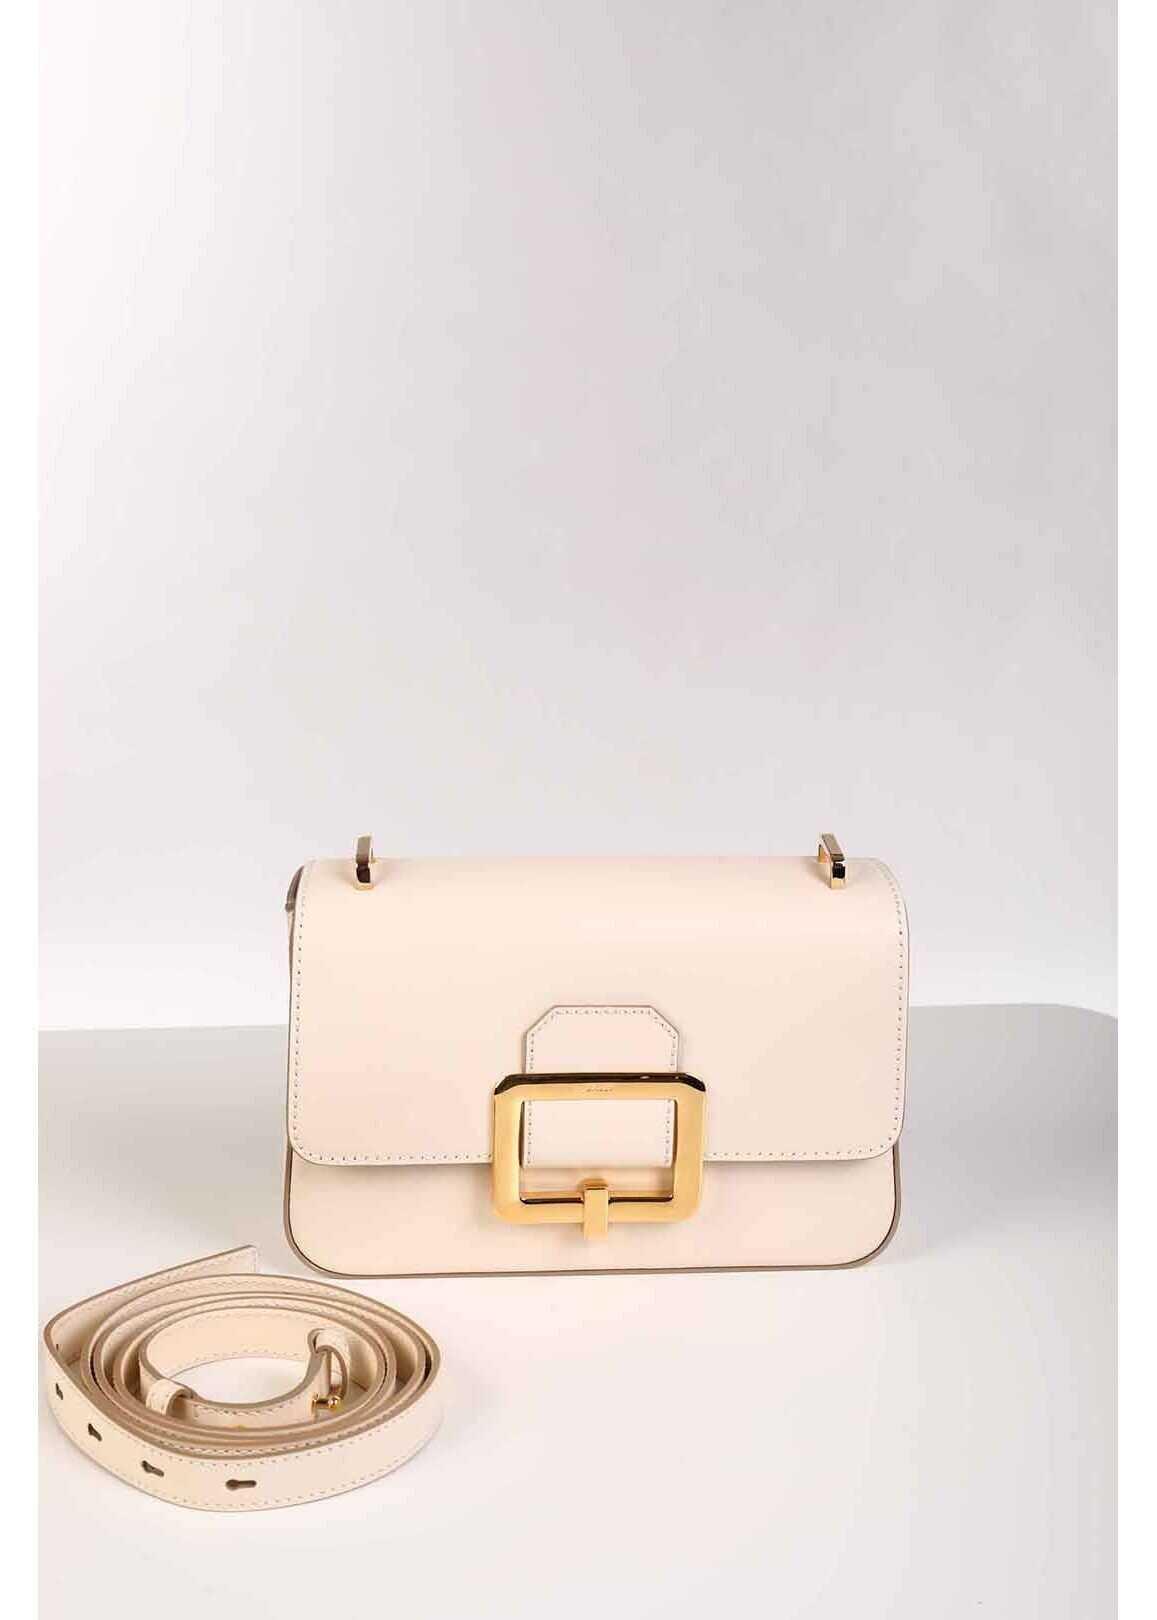 Bally Leather JANELLE Shoulder Bag BEIGE